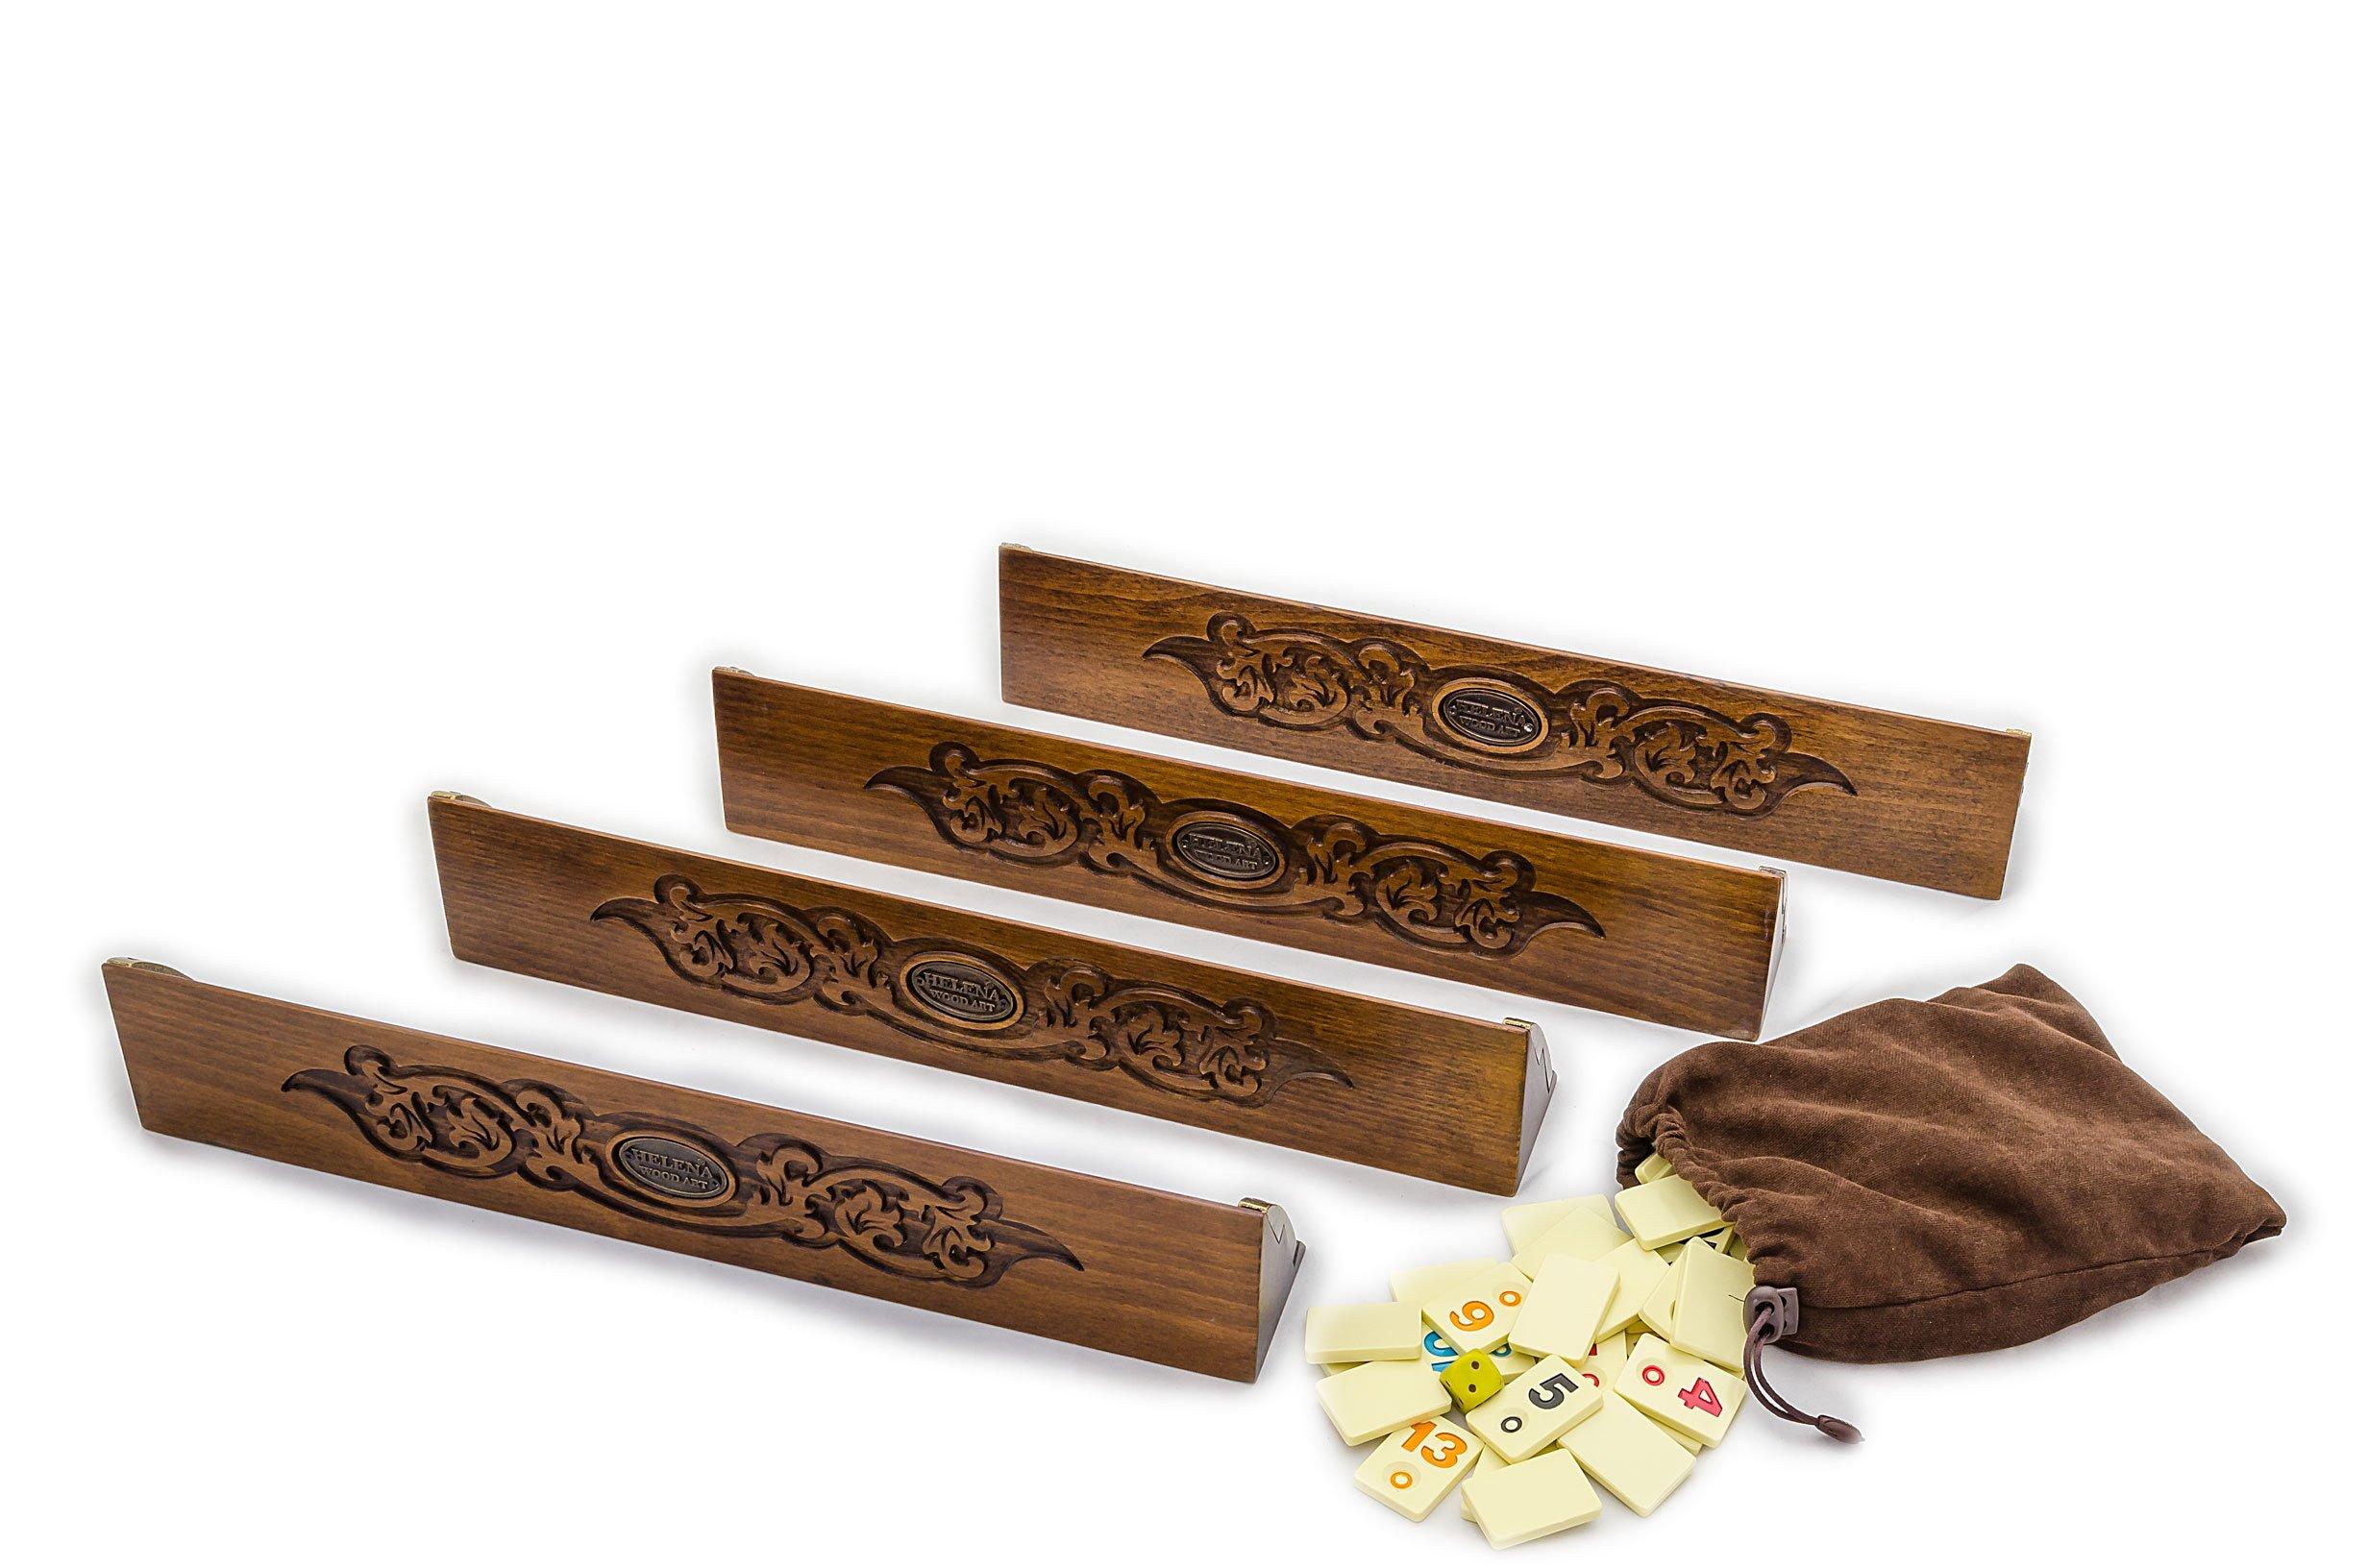 Safran Rummy Game Set - Handcarved Wooden Rummikub Cues - Tile Holders - Turkish Okey by Helena Wood Art (Image #2)